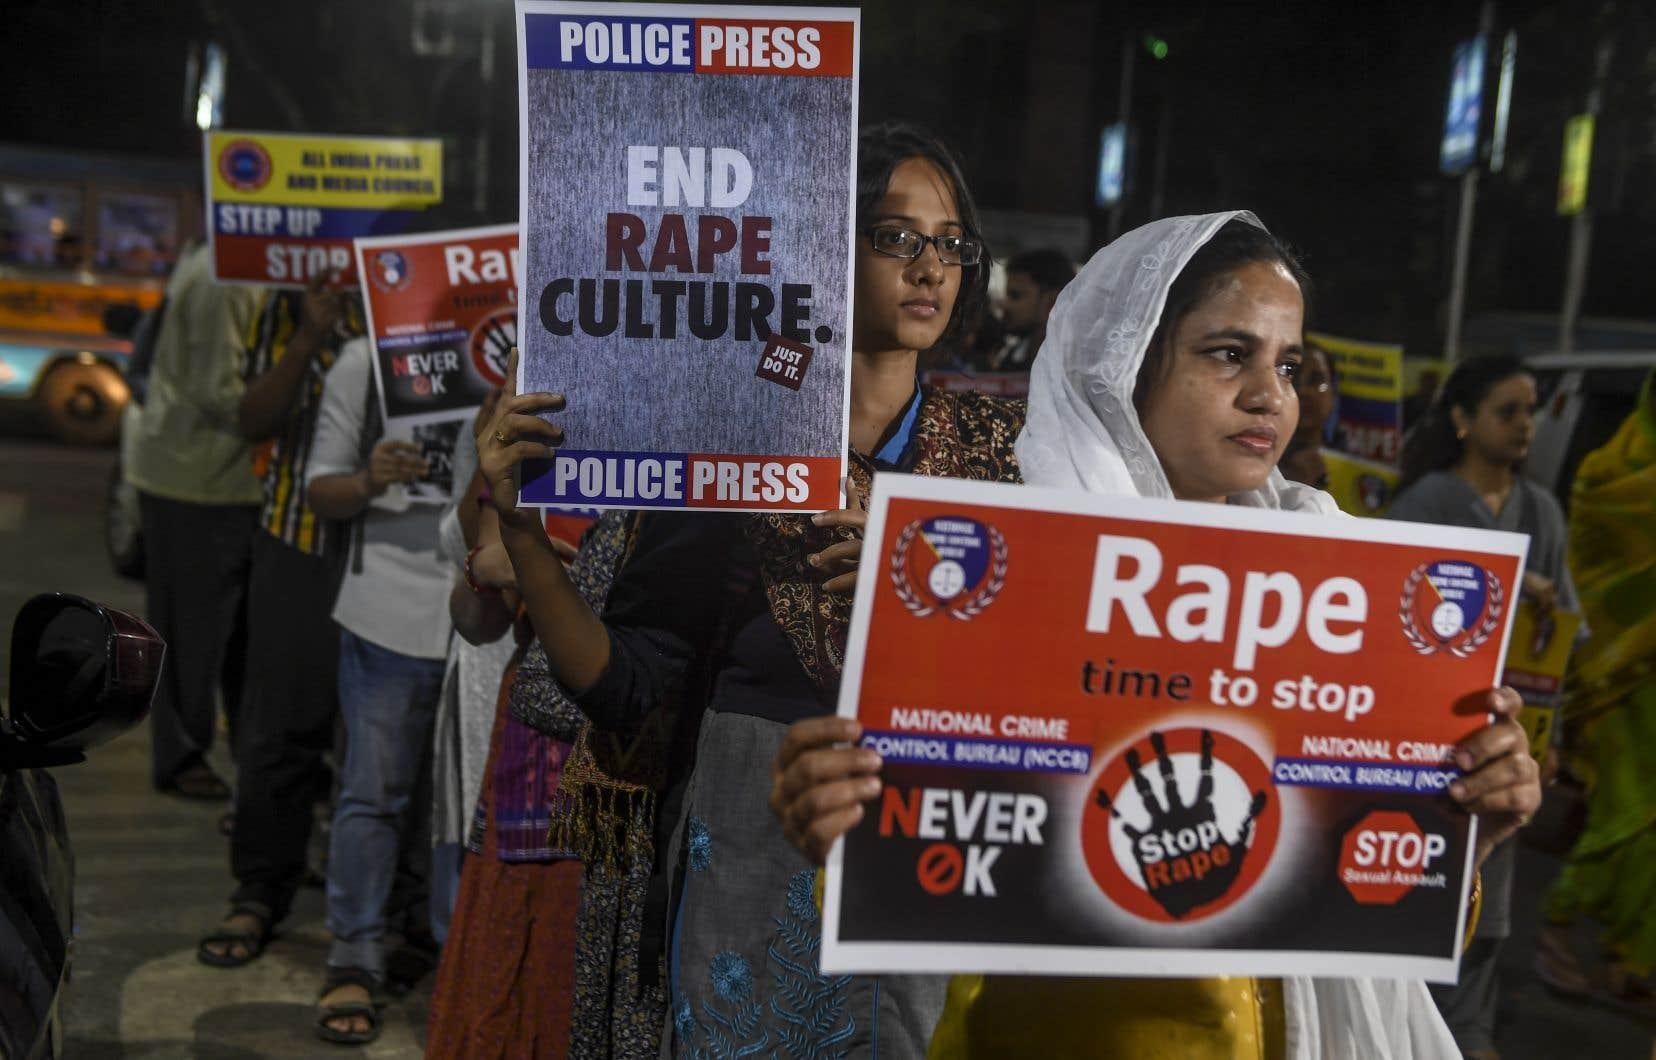 La Fondation Thomson Reuters a classée l'Inde au sommet des pays les plus dangereux pour les femmes en 2018.